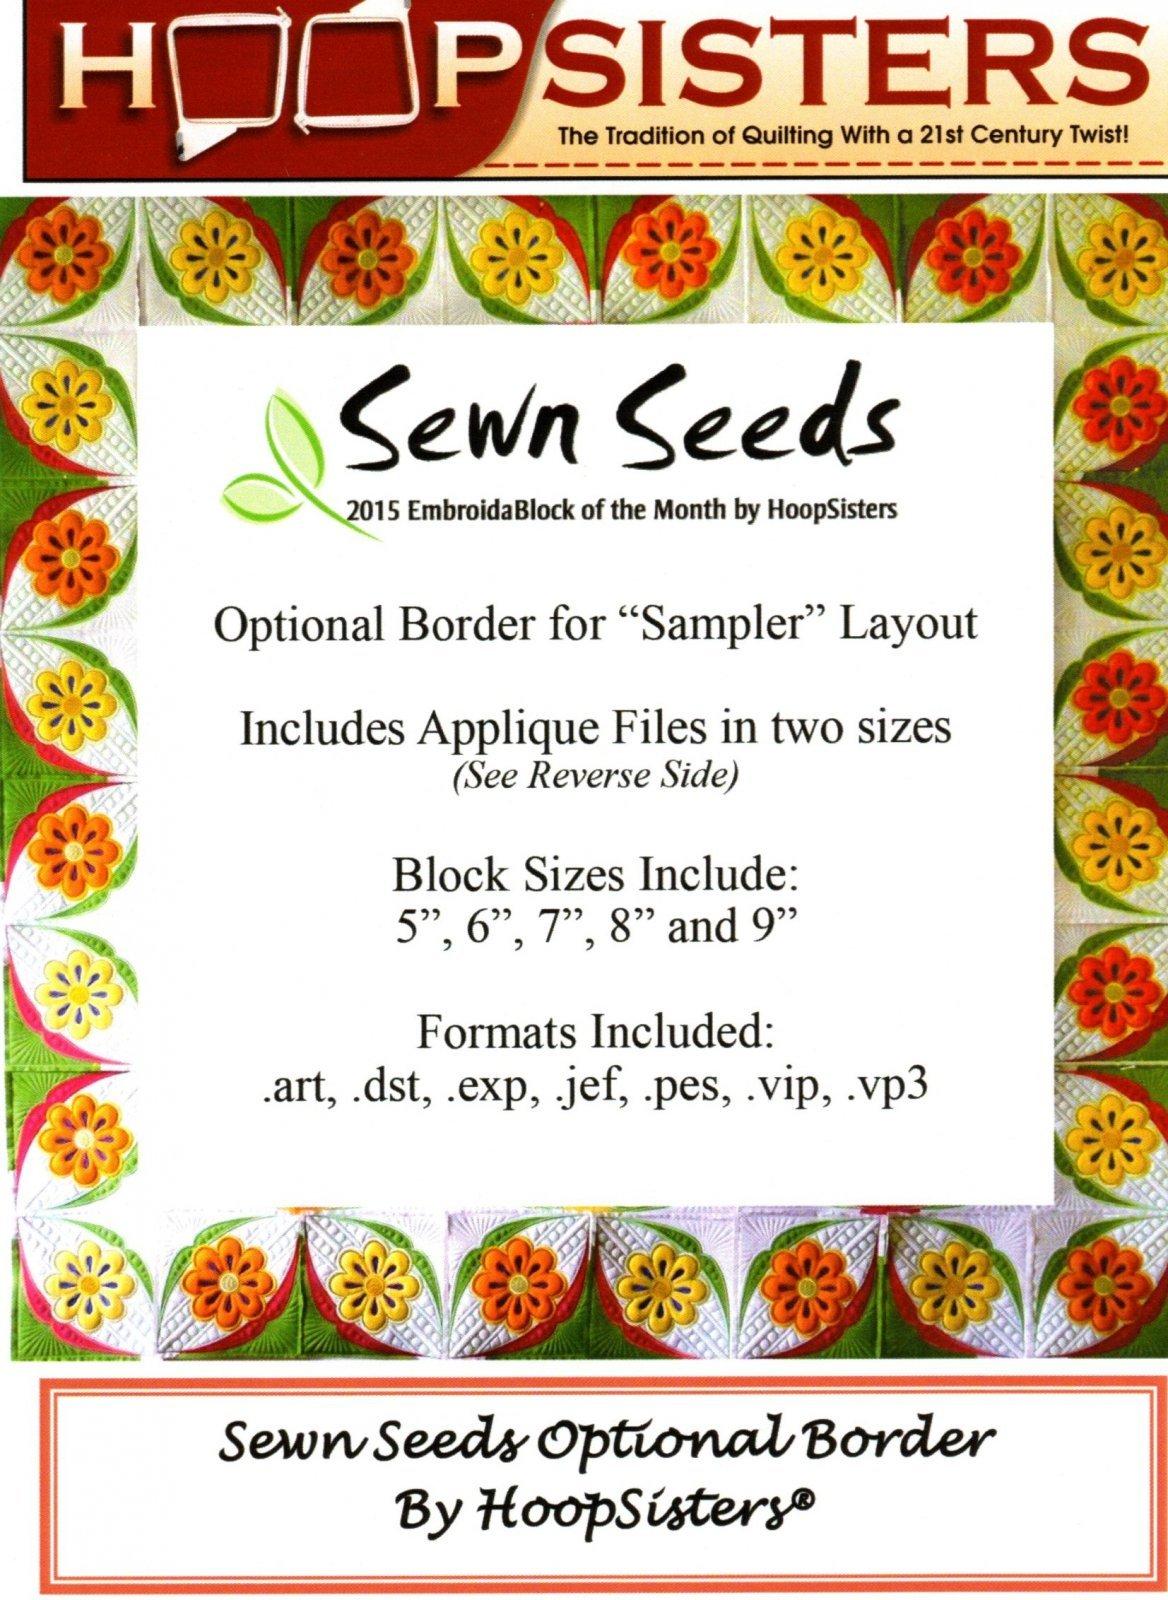 Sewn Seeds Optional Border